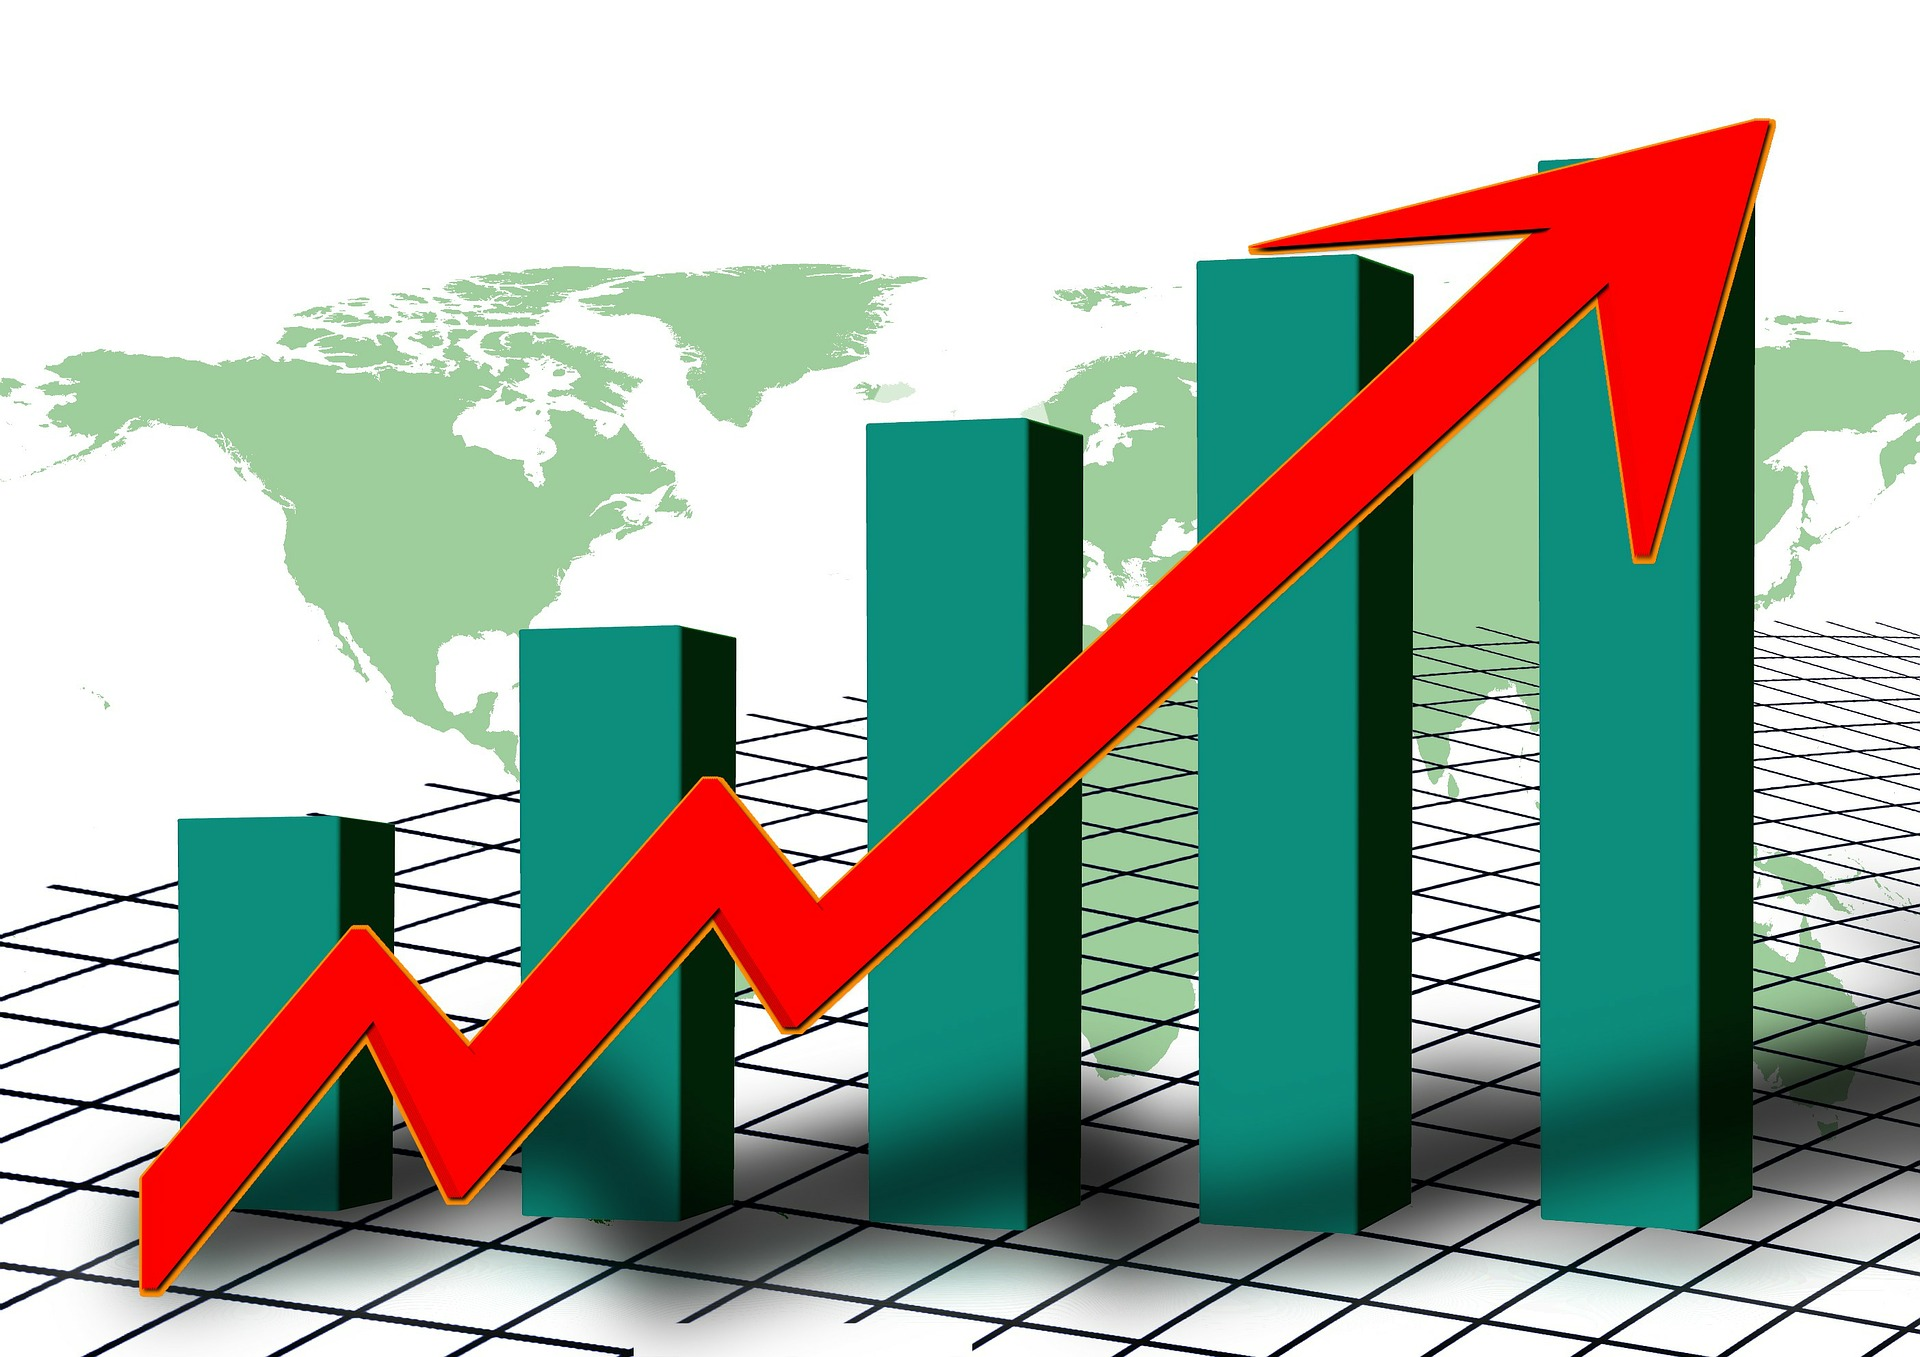 Global OTT Market to Cross $65 Billion by 2023